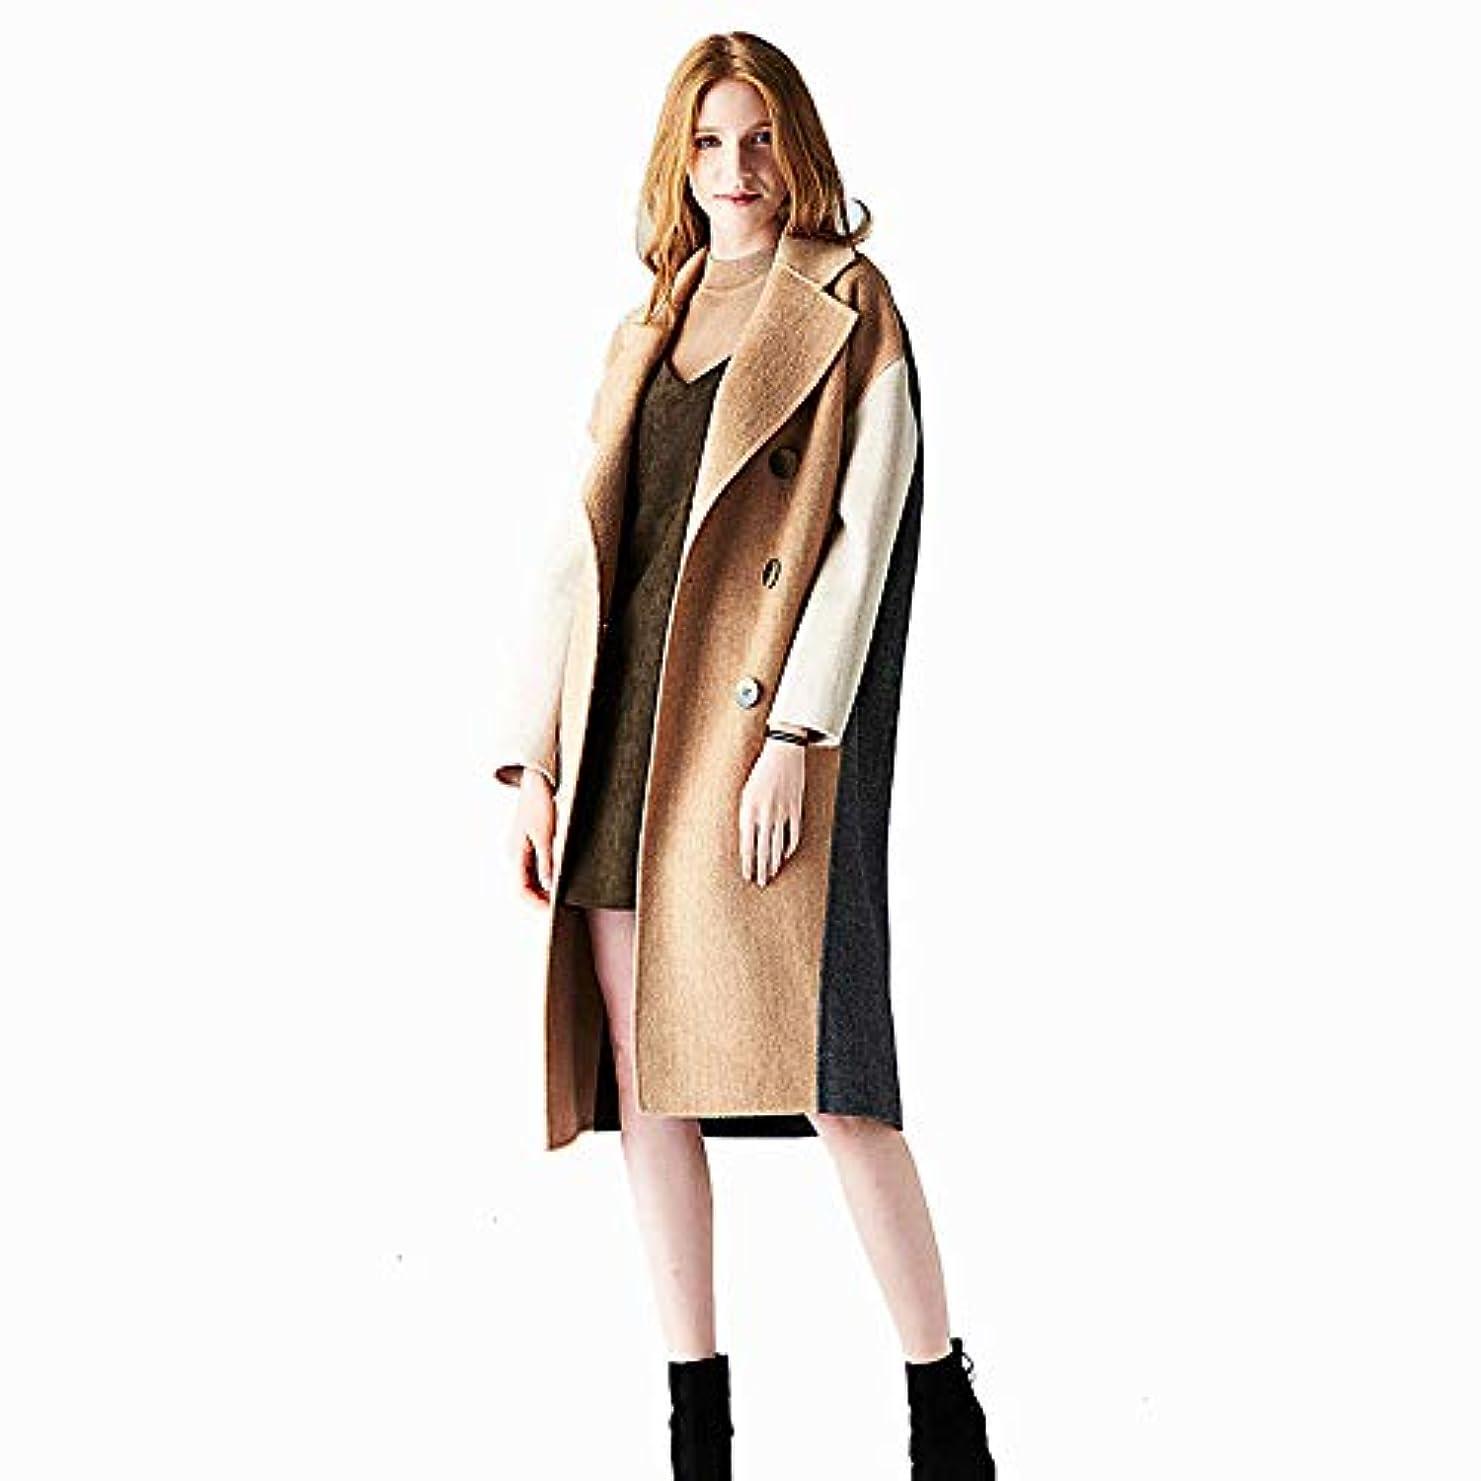 緯度応用の頭の上ウールコート、秋と冬の両面ウールコートヘリンボーンウールコートレディースジャケットレディース?コートレディースウインドブレーカージャケット,ブラウン,L